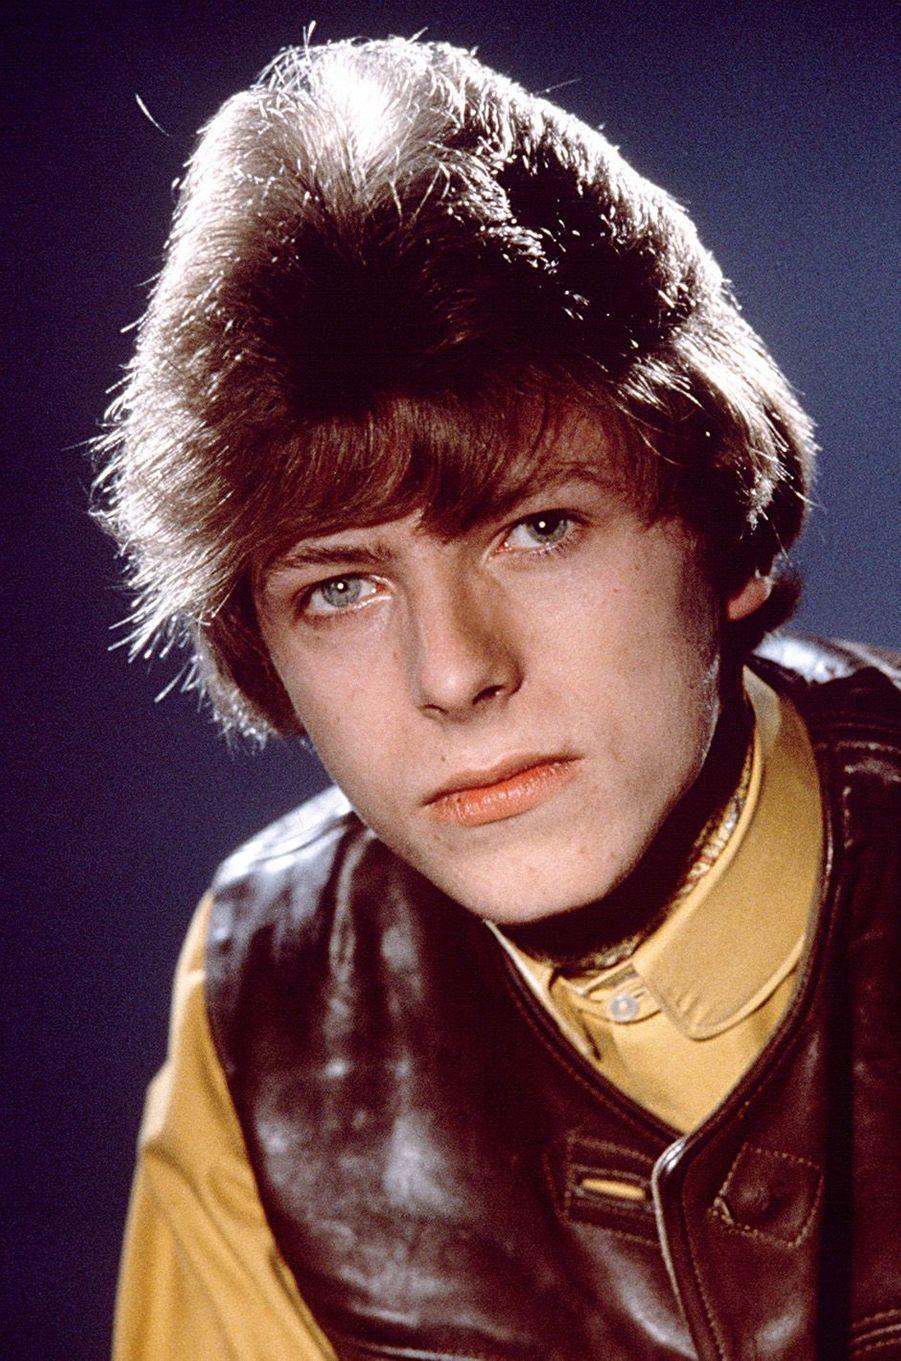 David Bowie en 1964.